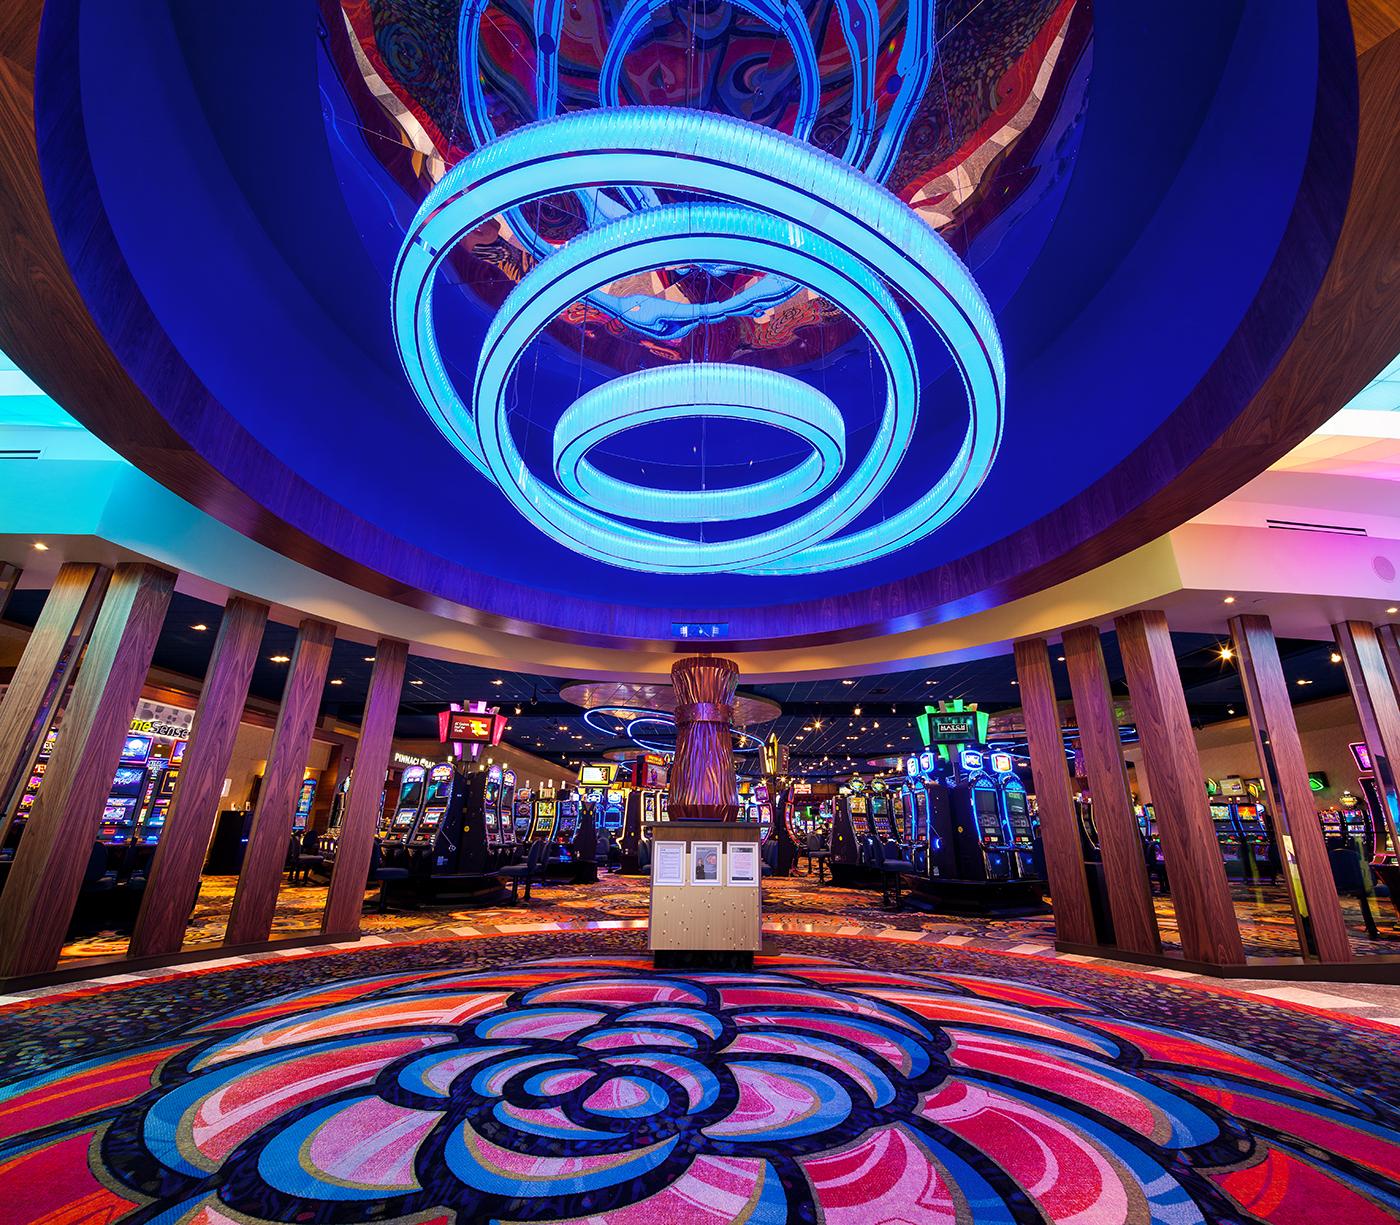 Cascade casino at seneca casino niagara